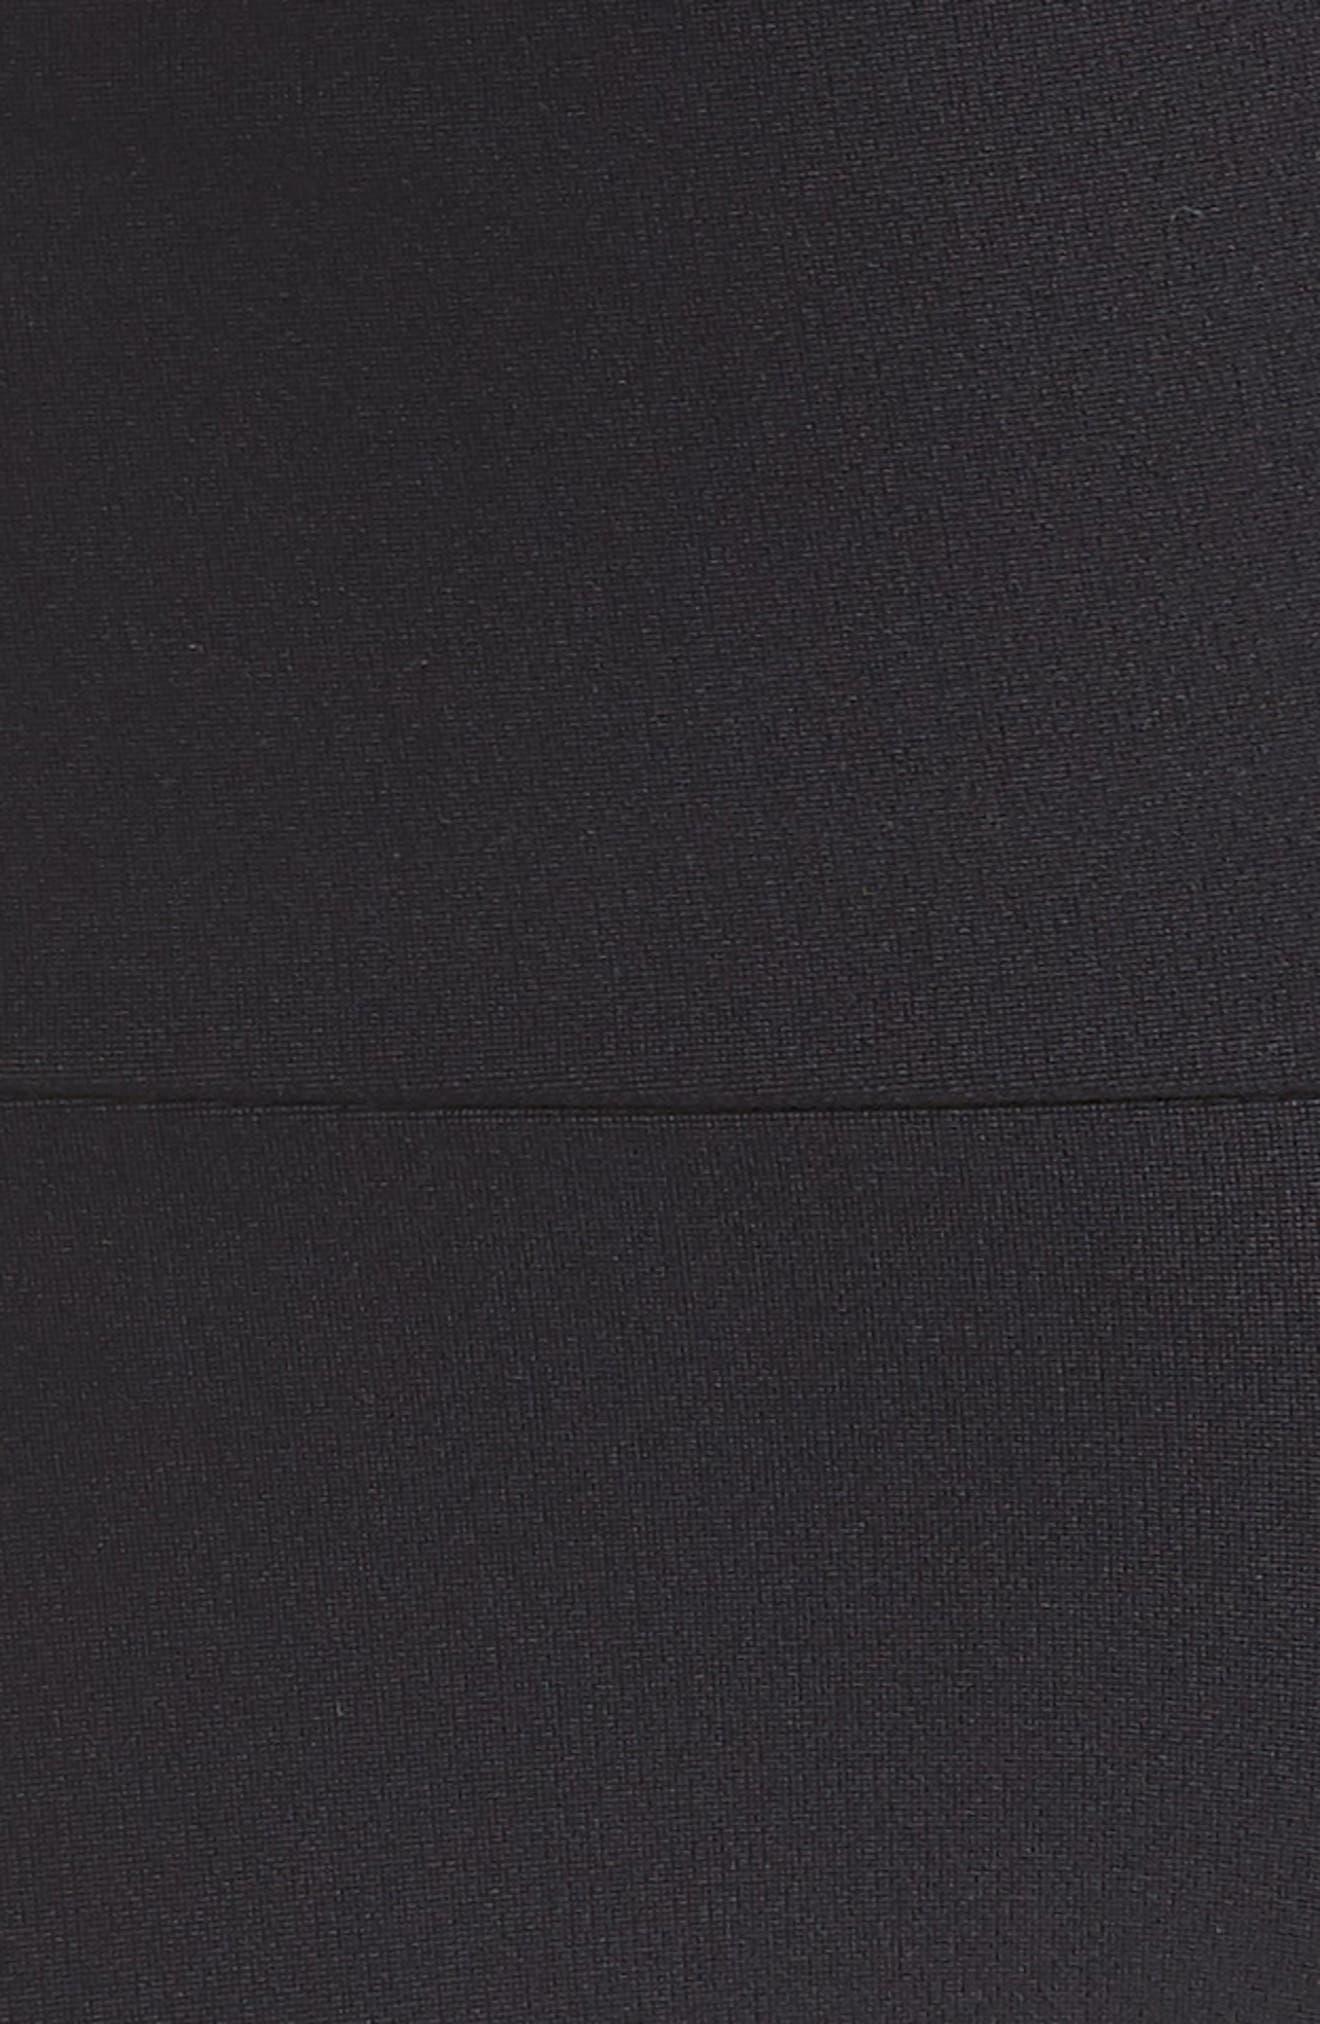 Stunner Shorts,                             Alternate thumbnail 6, color,                             Black